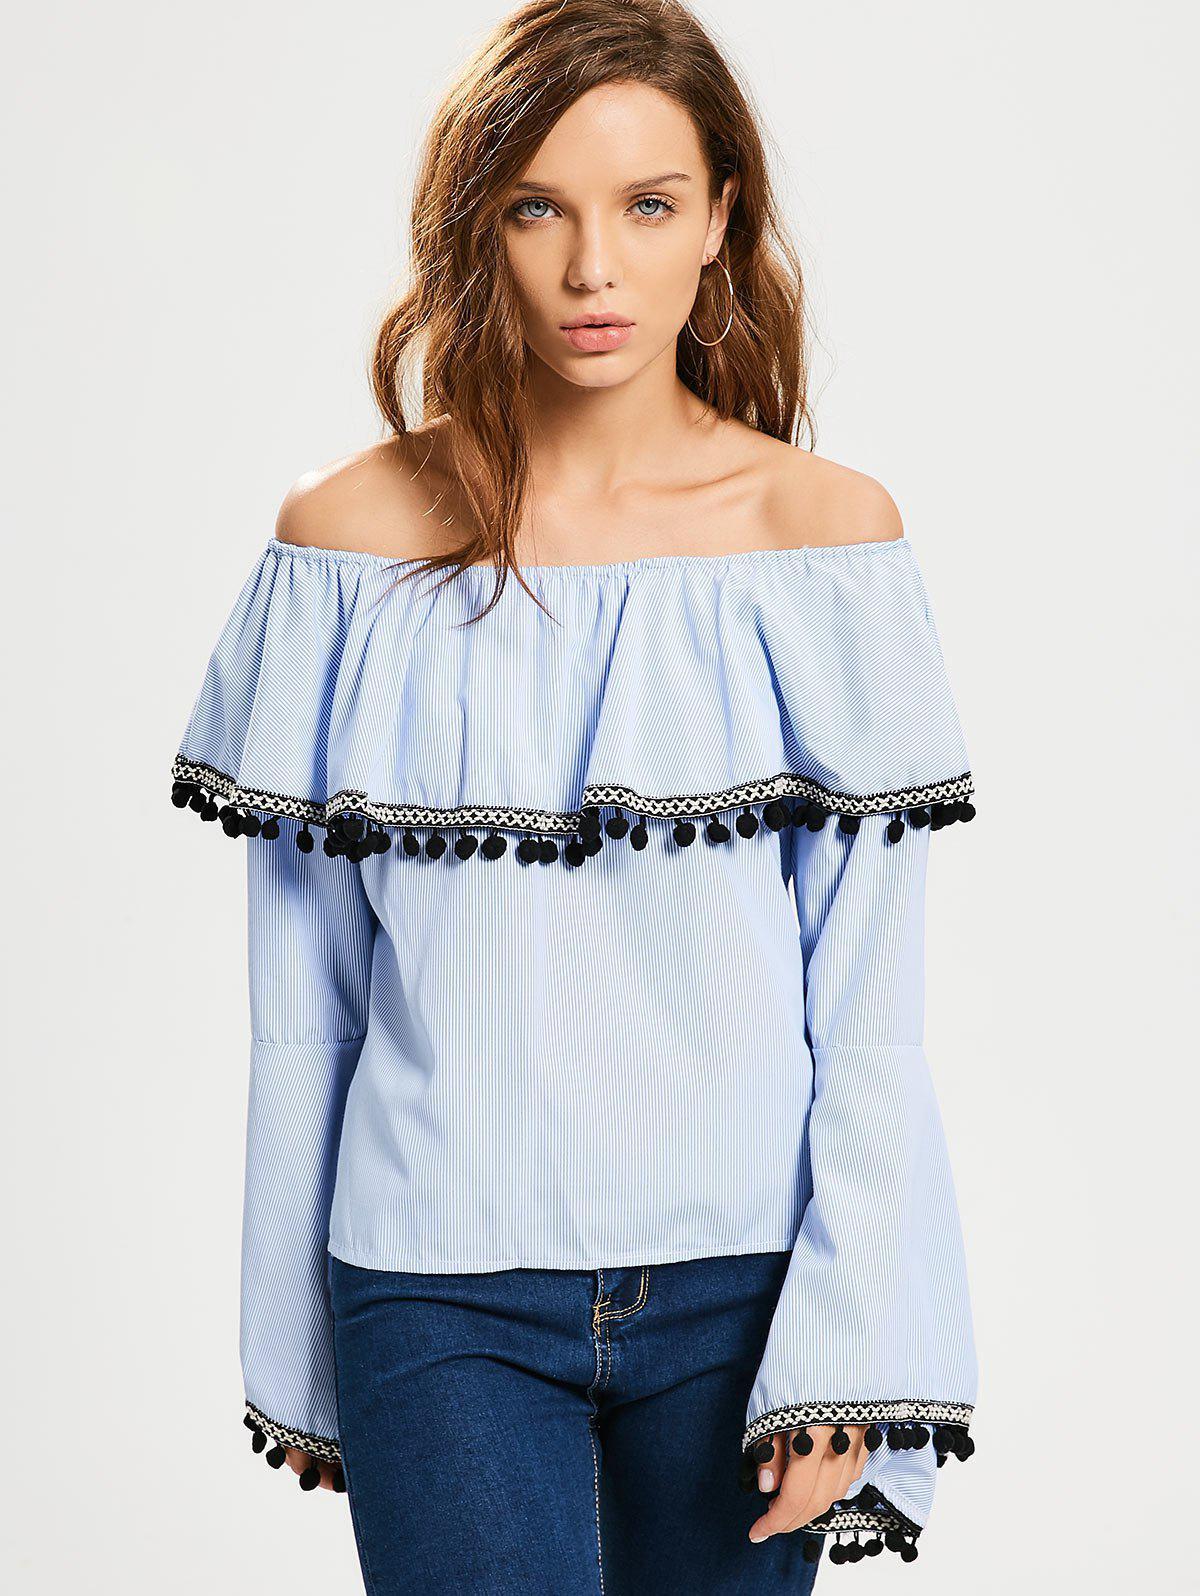 Lace Trim Stripes Aus Schulter Bluse